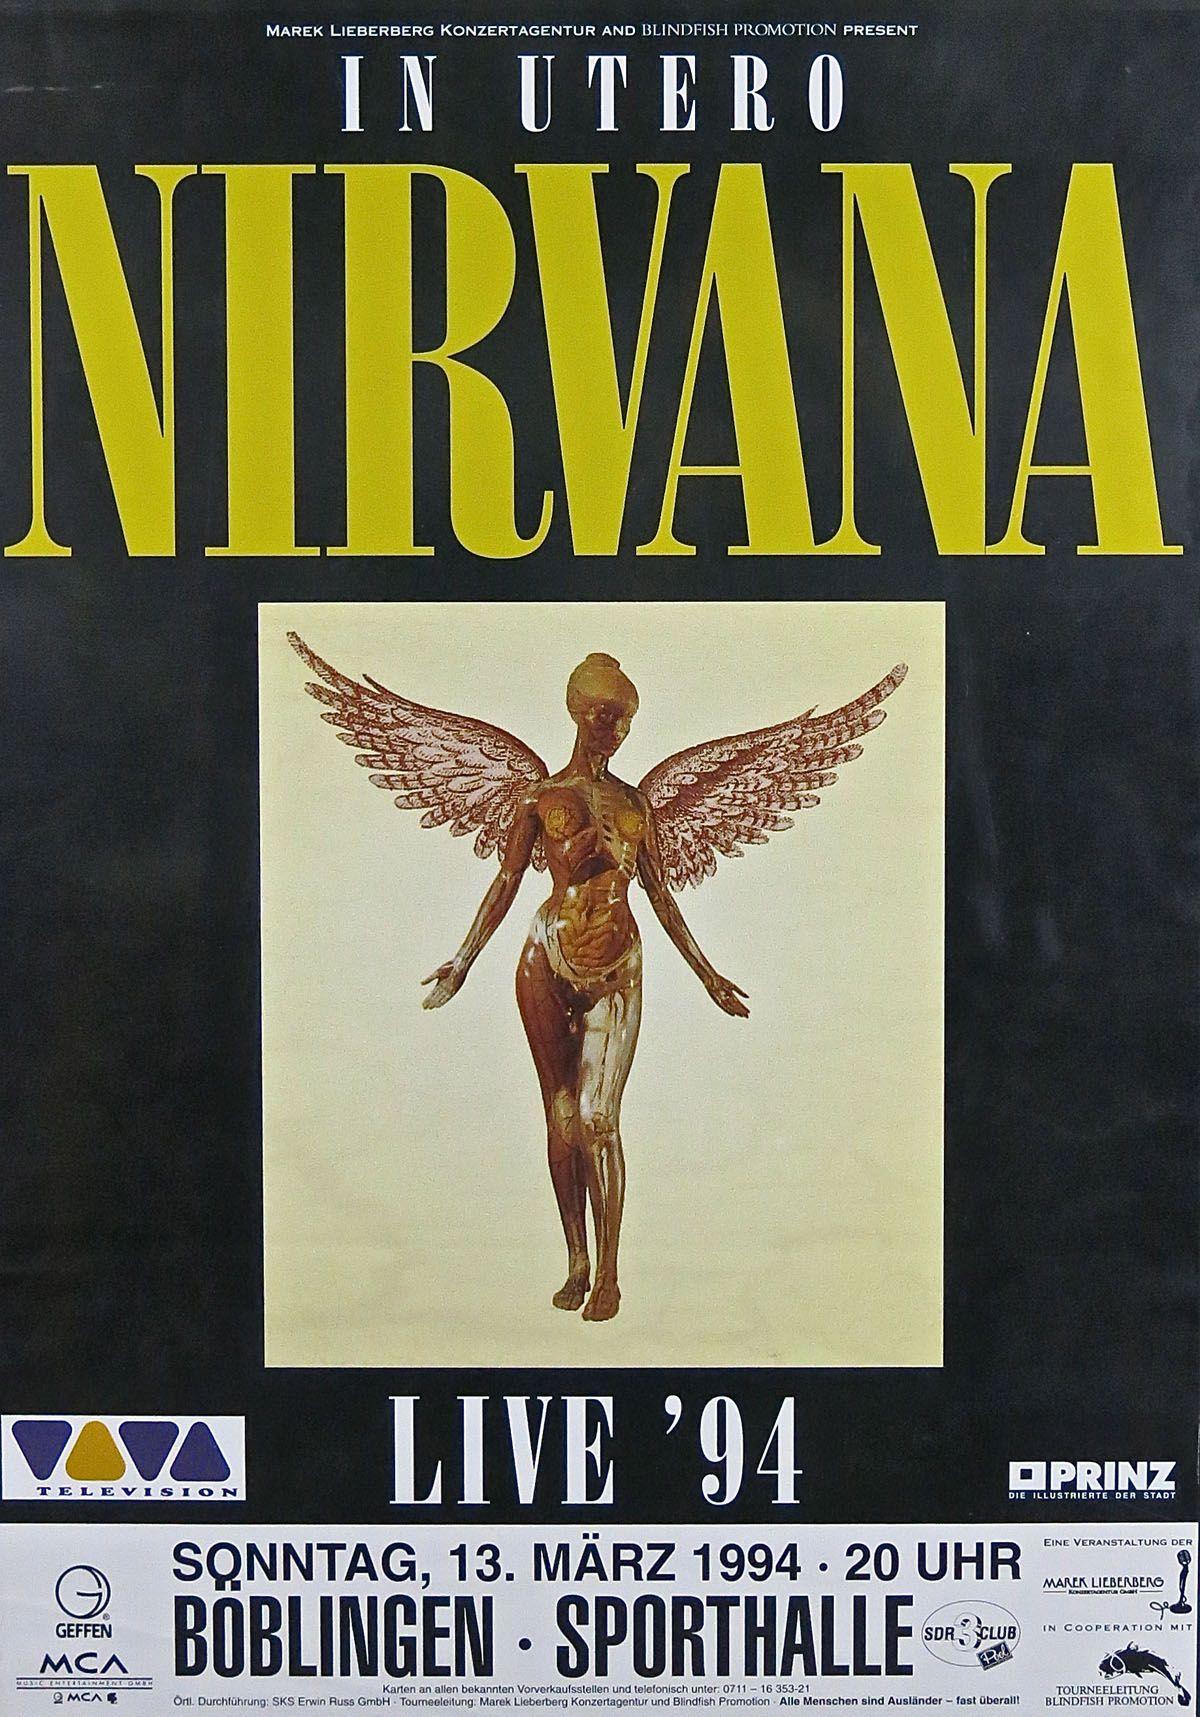 Resultado de imagem para nirvana concert poster | carteles ...